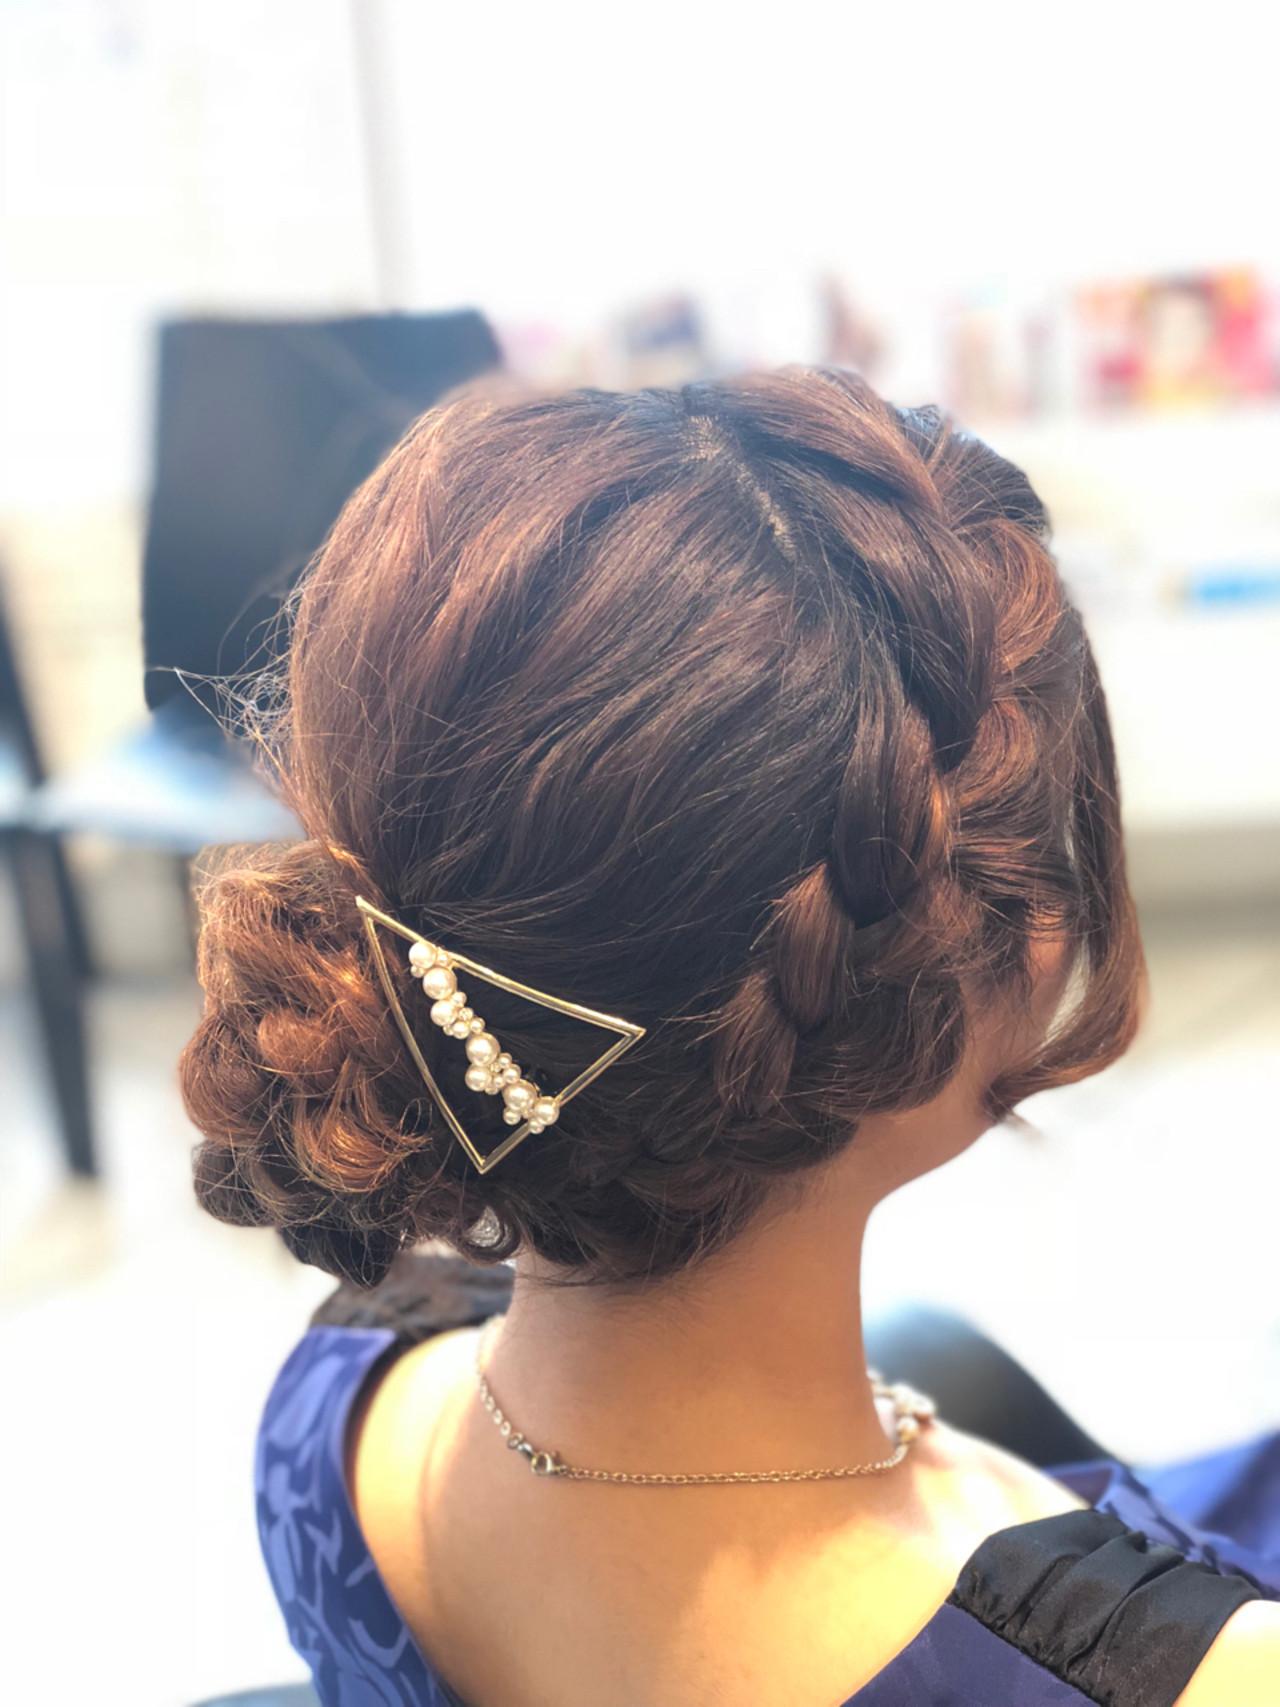 結婚式 ナチュラル パーティ ミディアム ヘアスタイルや髪型の写真・画像